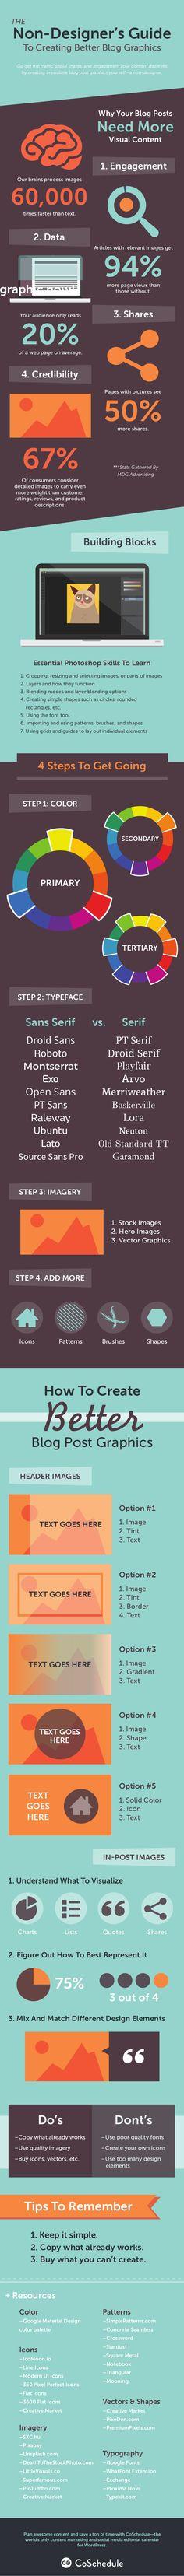 Guía sobre imágenes para tu #Blog para no diseñadores